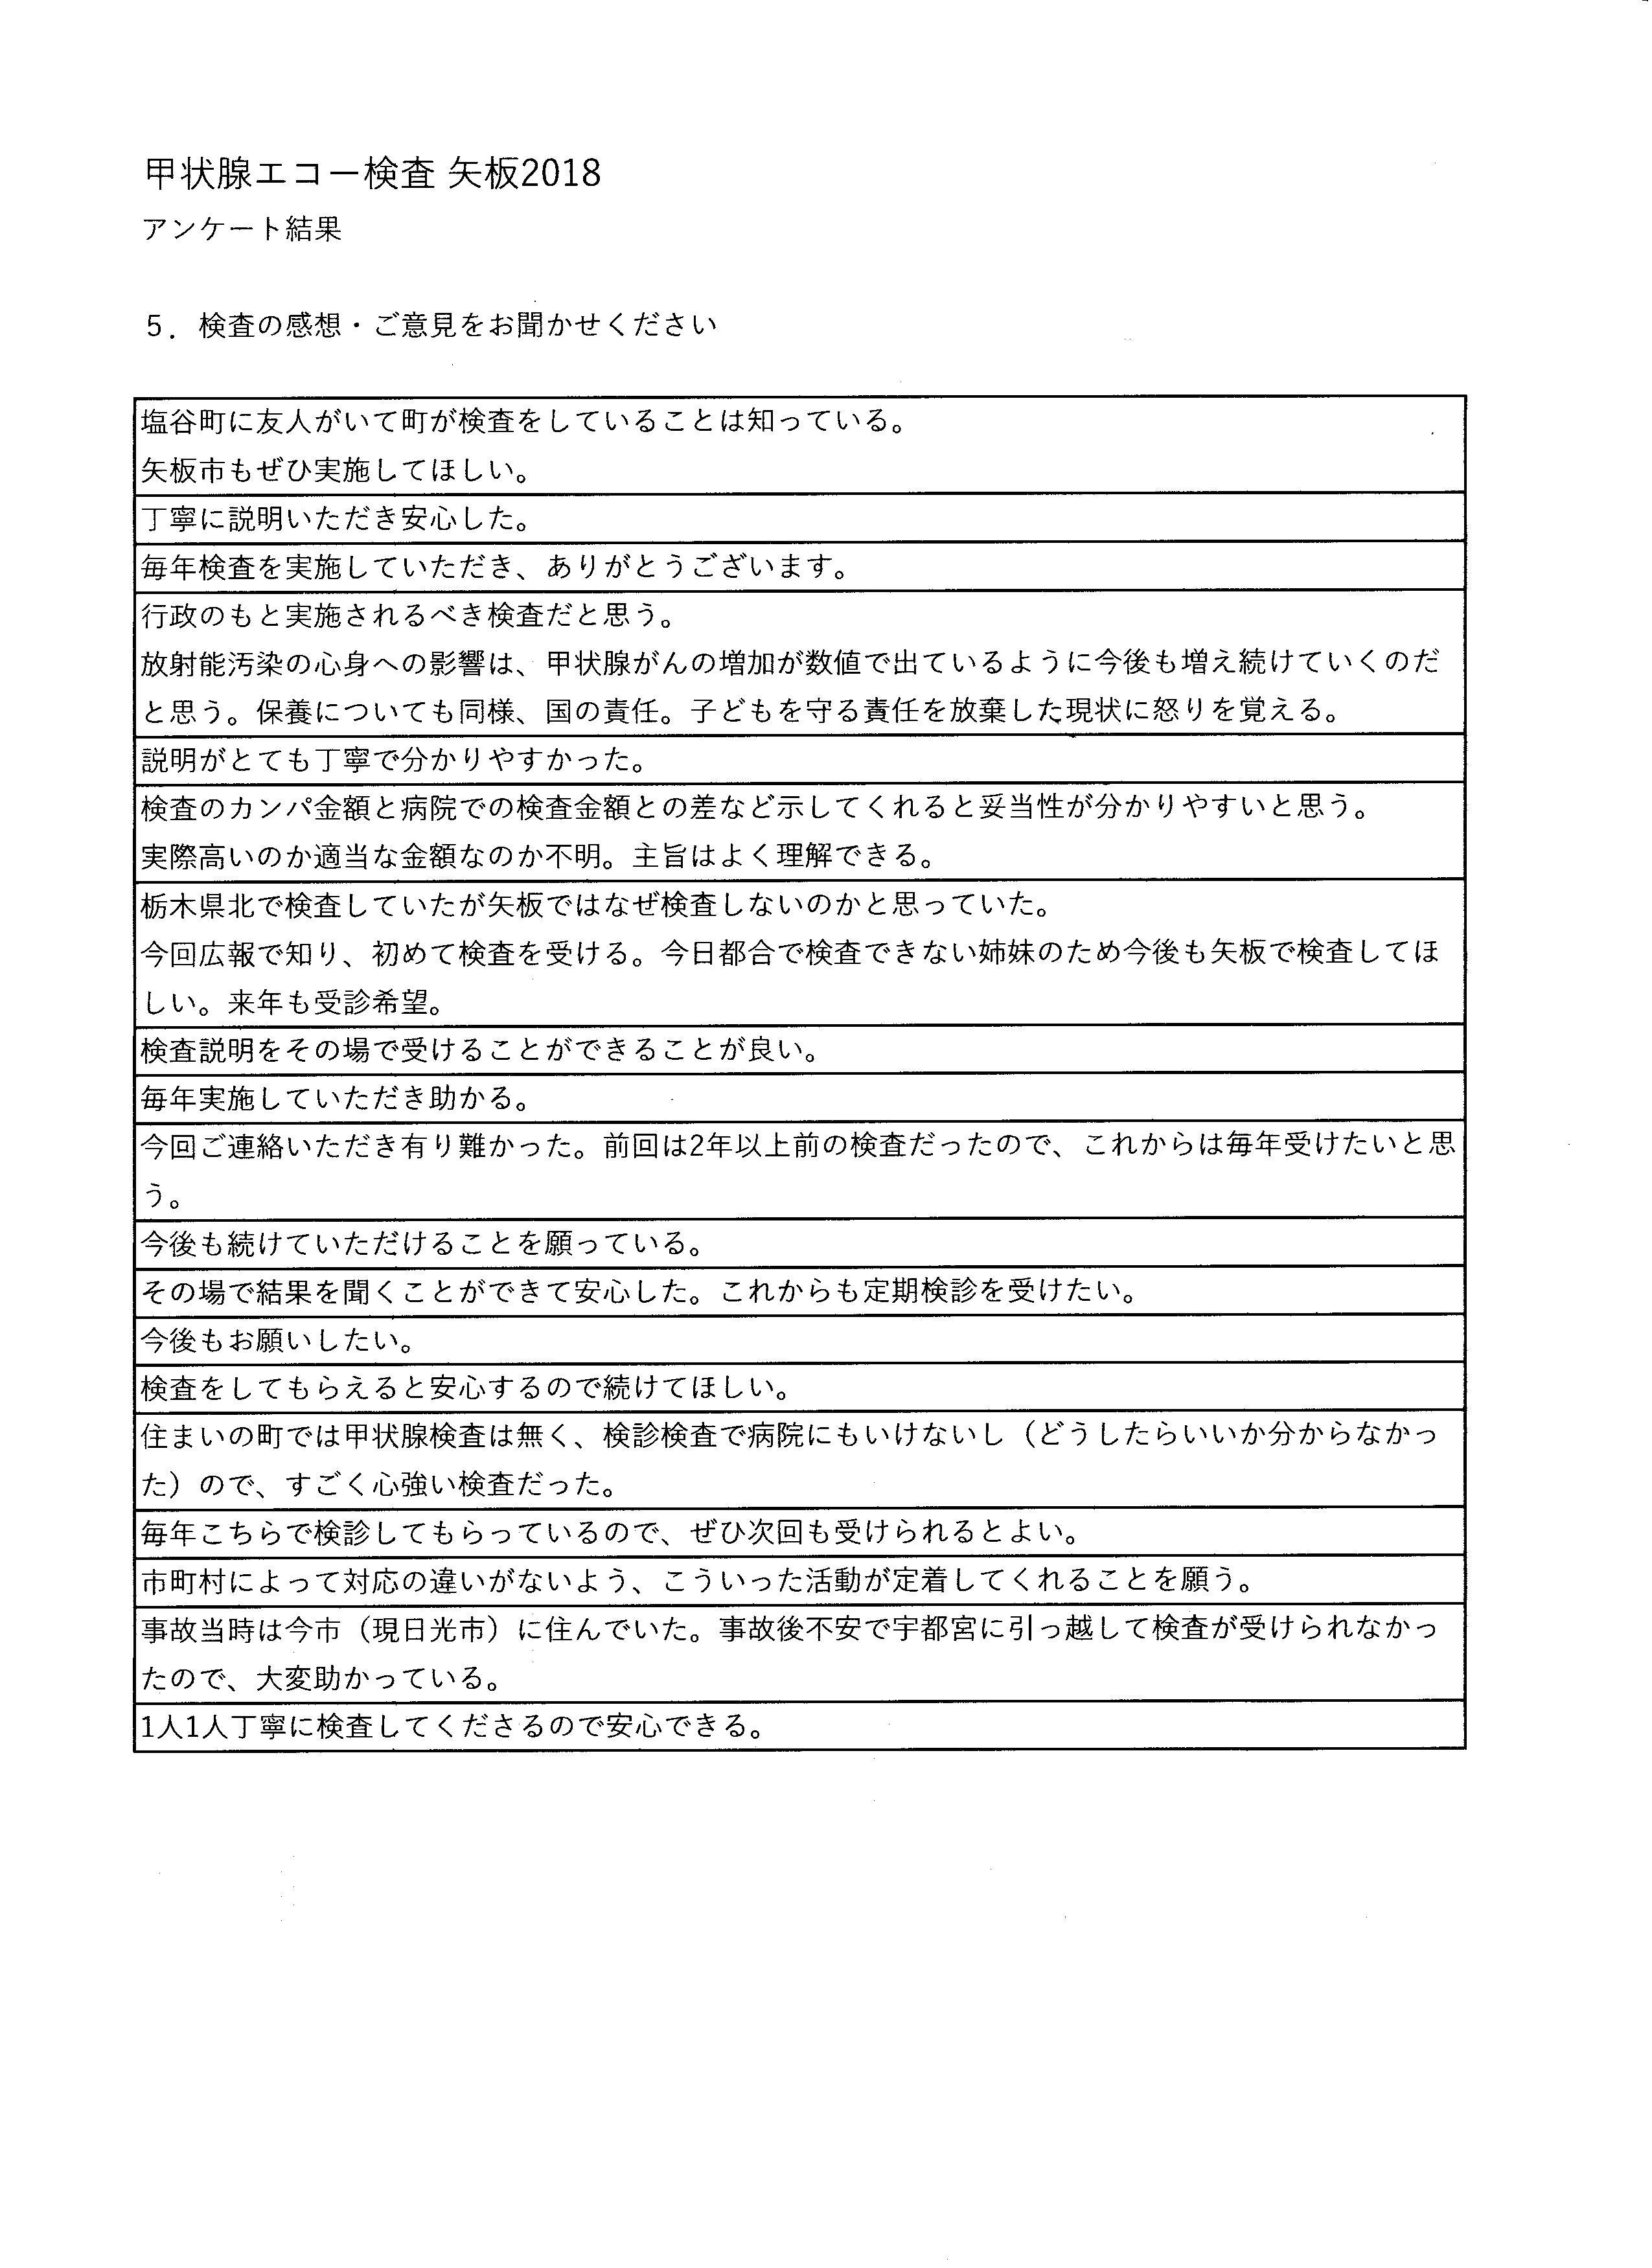 甲状腺エコー検査矢板報告2018④